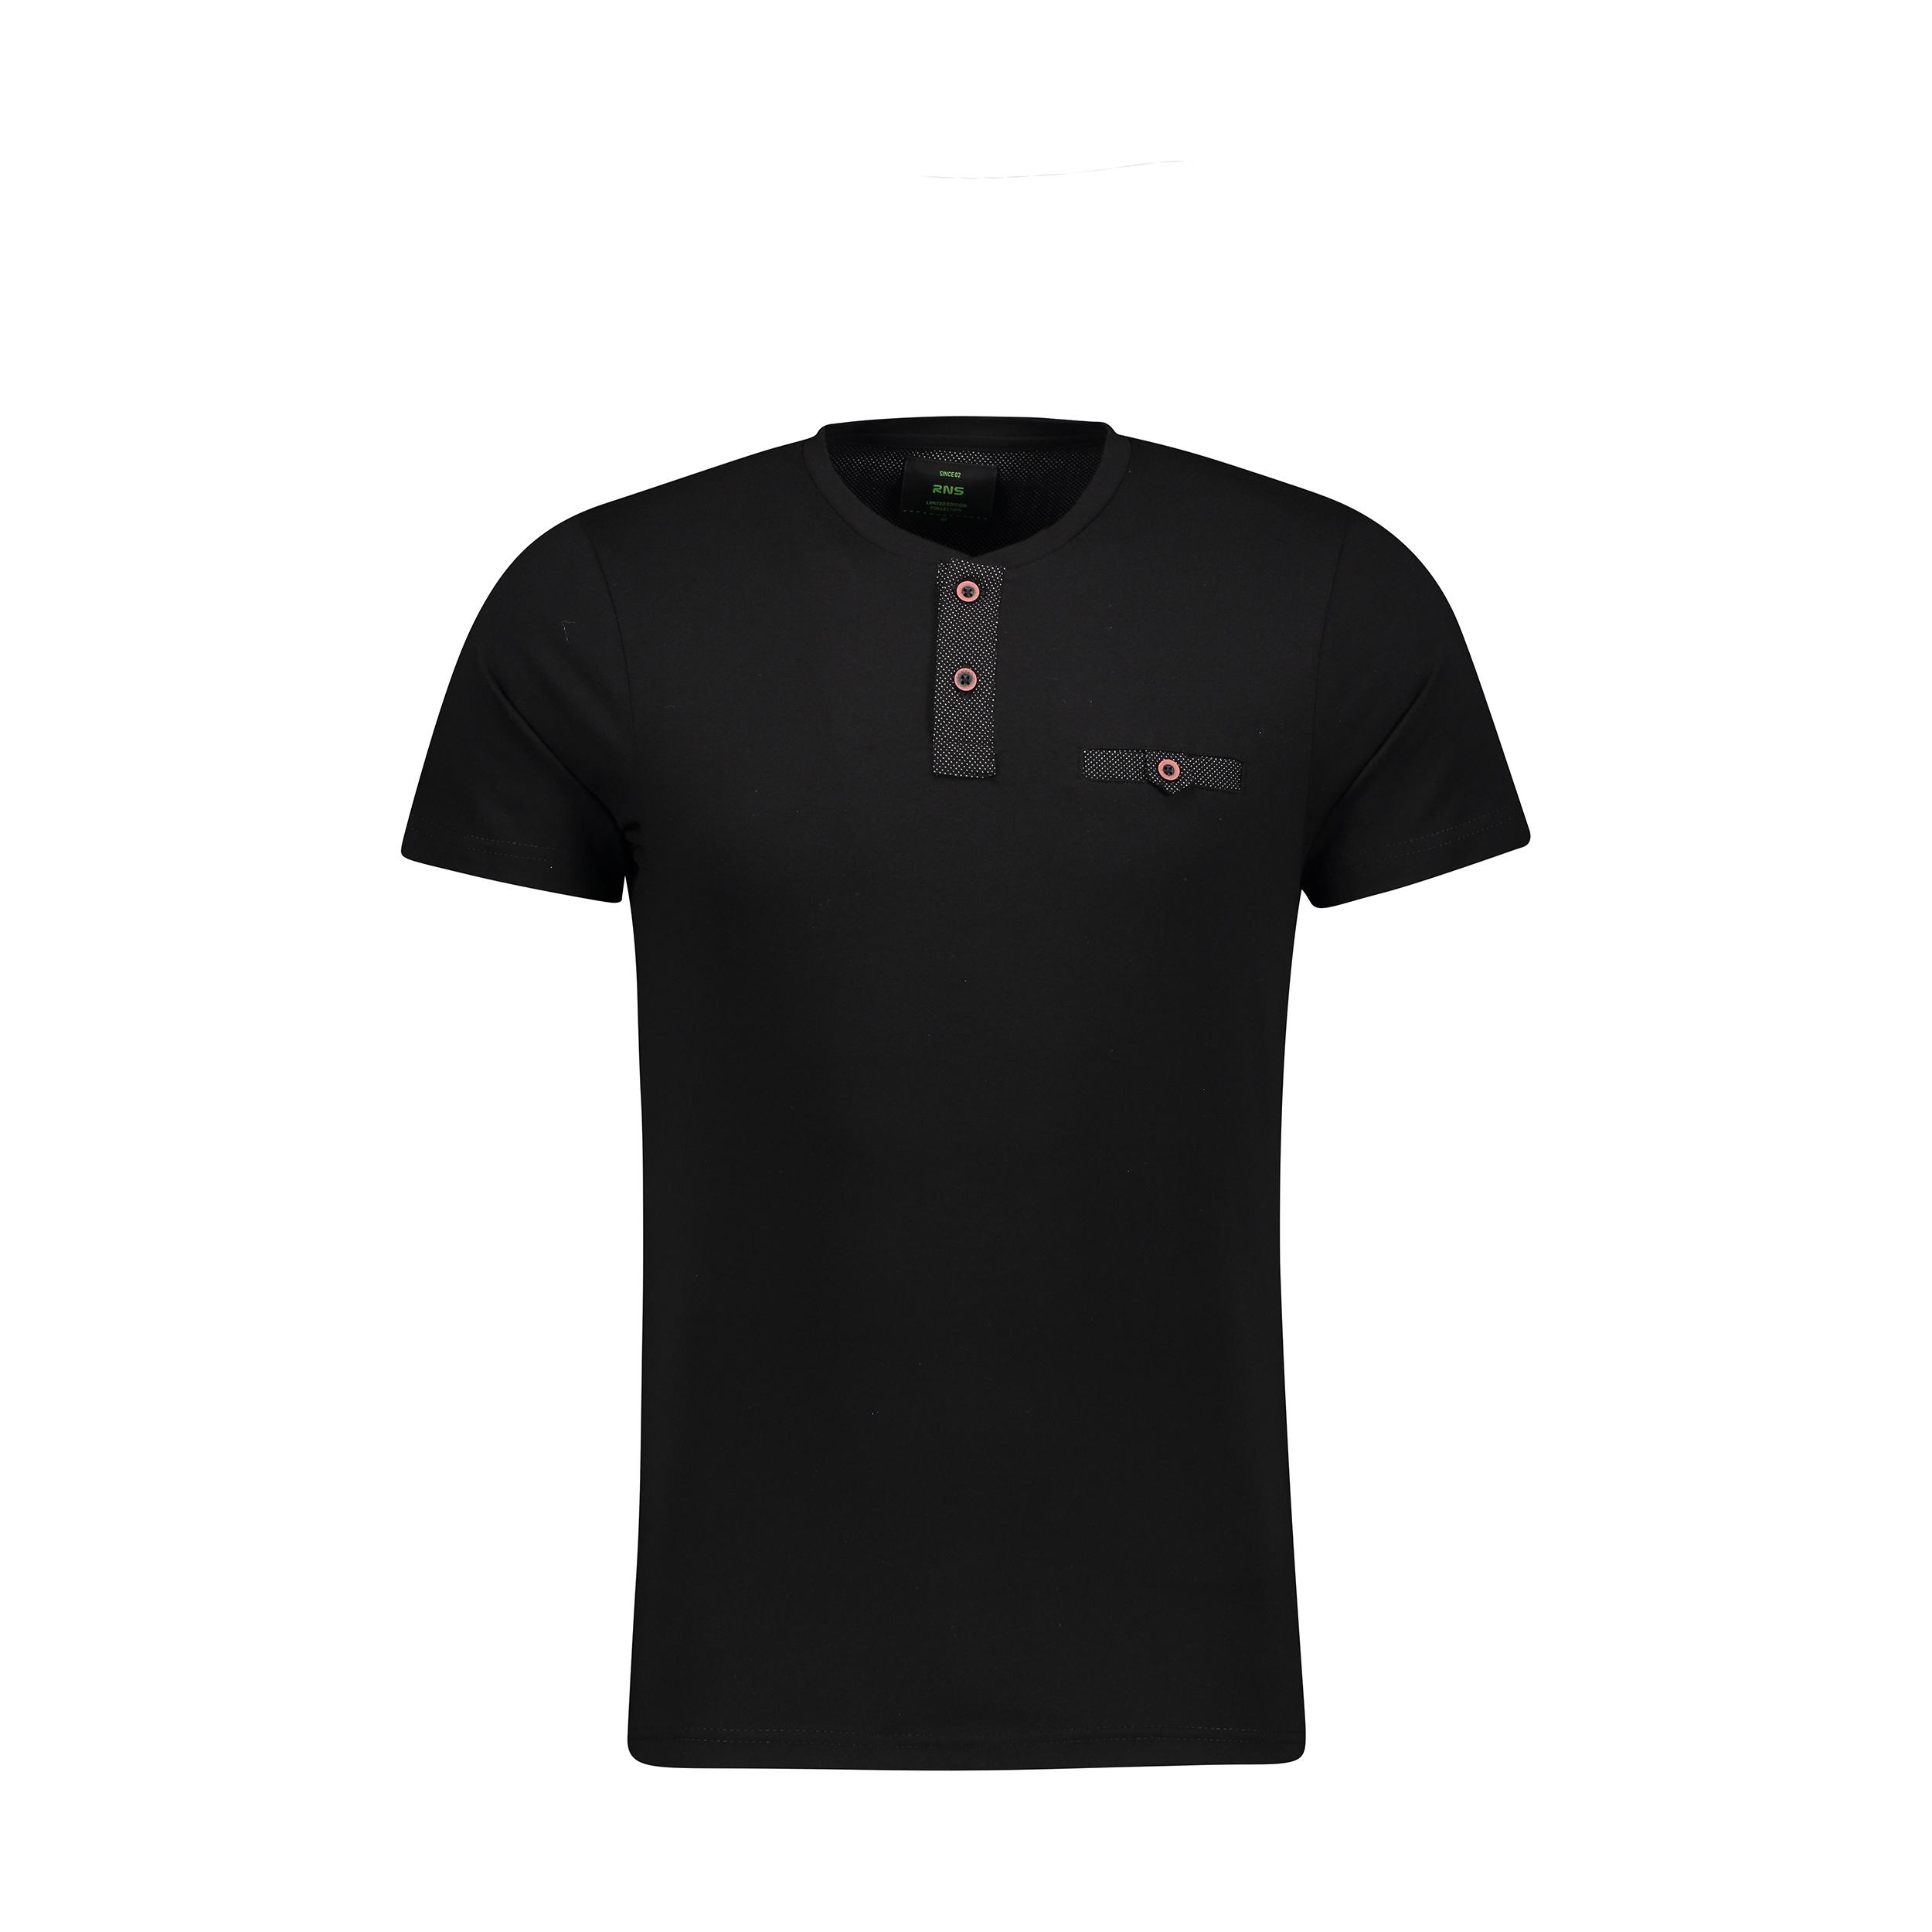 تی شرت مردانه آر ان اس مدل 131132-99